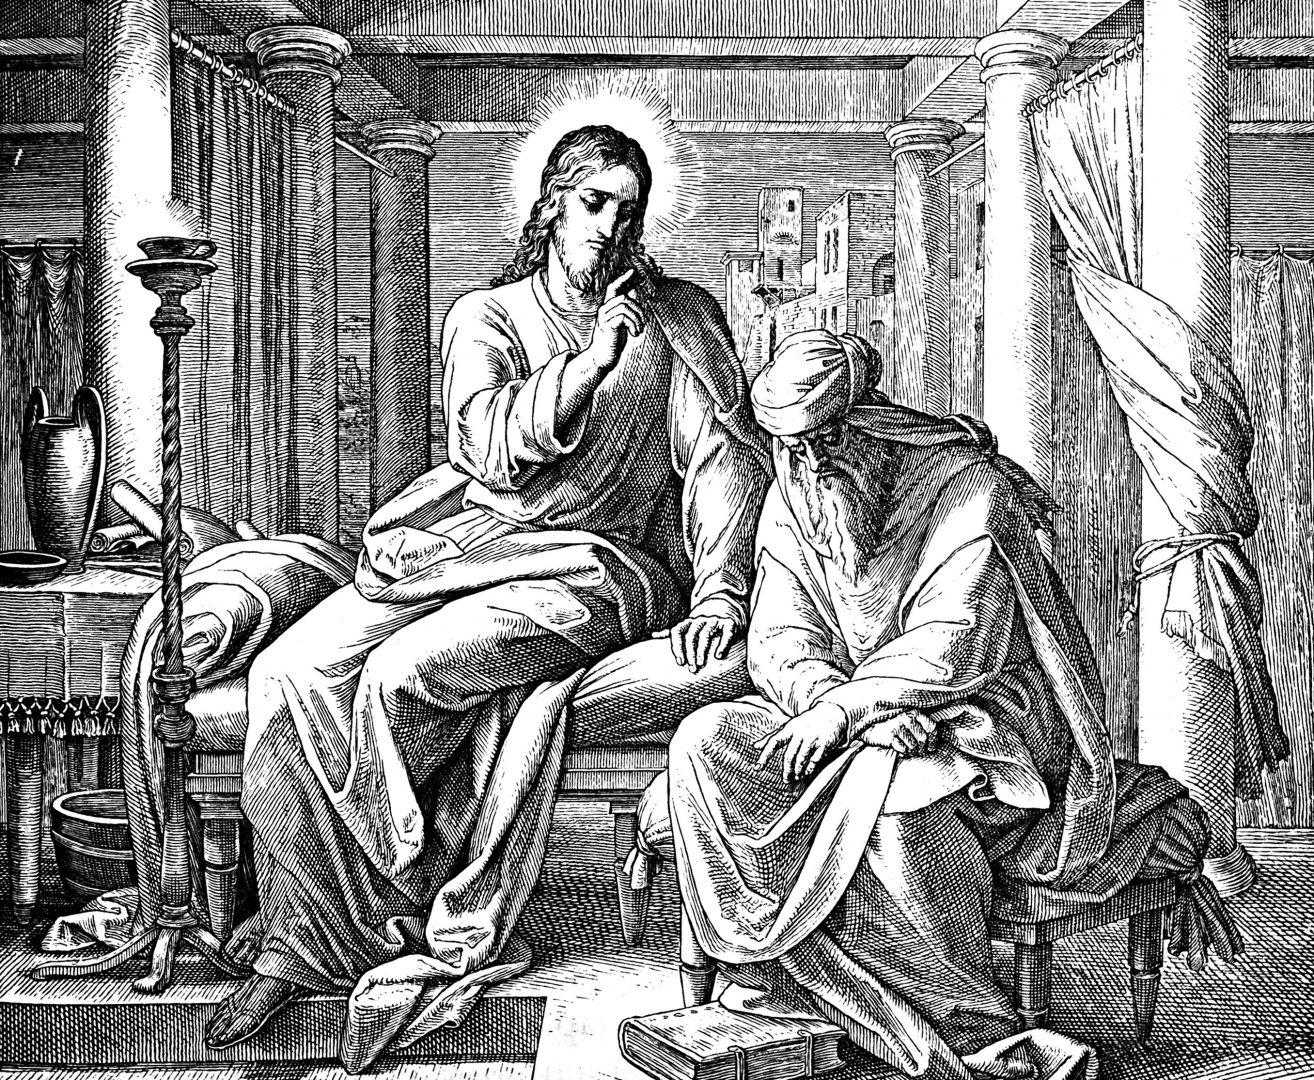 Jesus sitting with Nicodemus at night